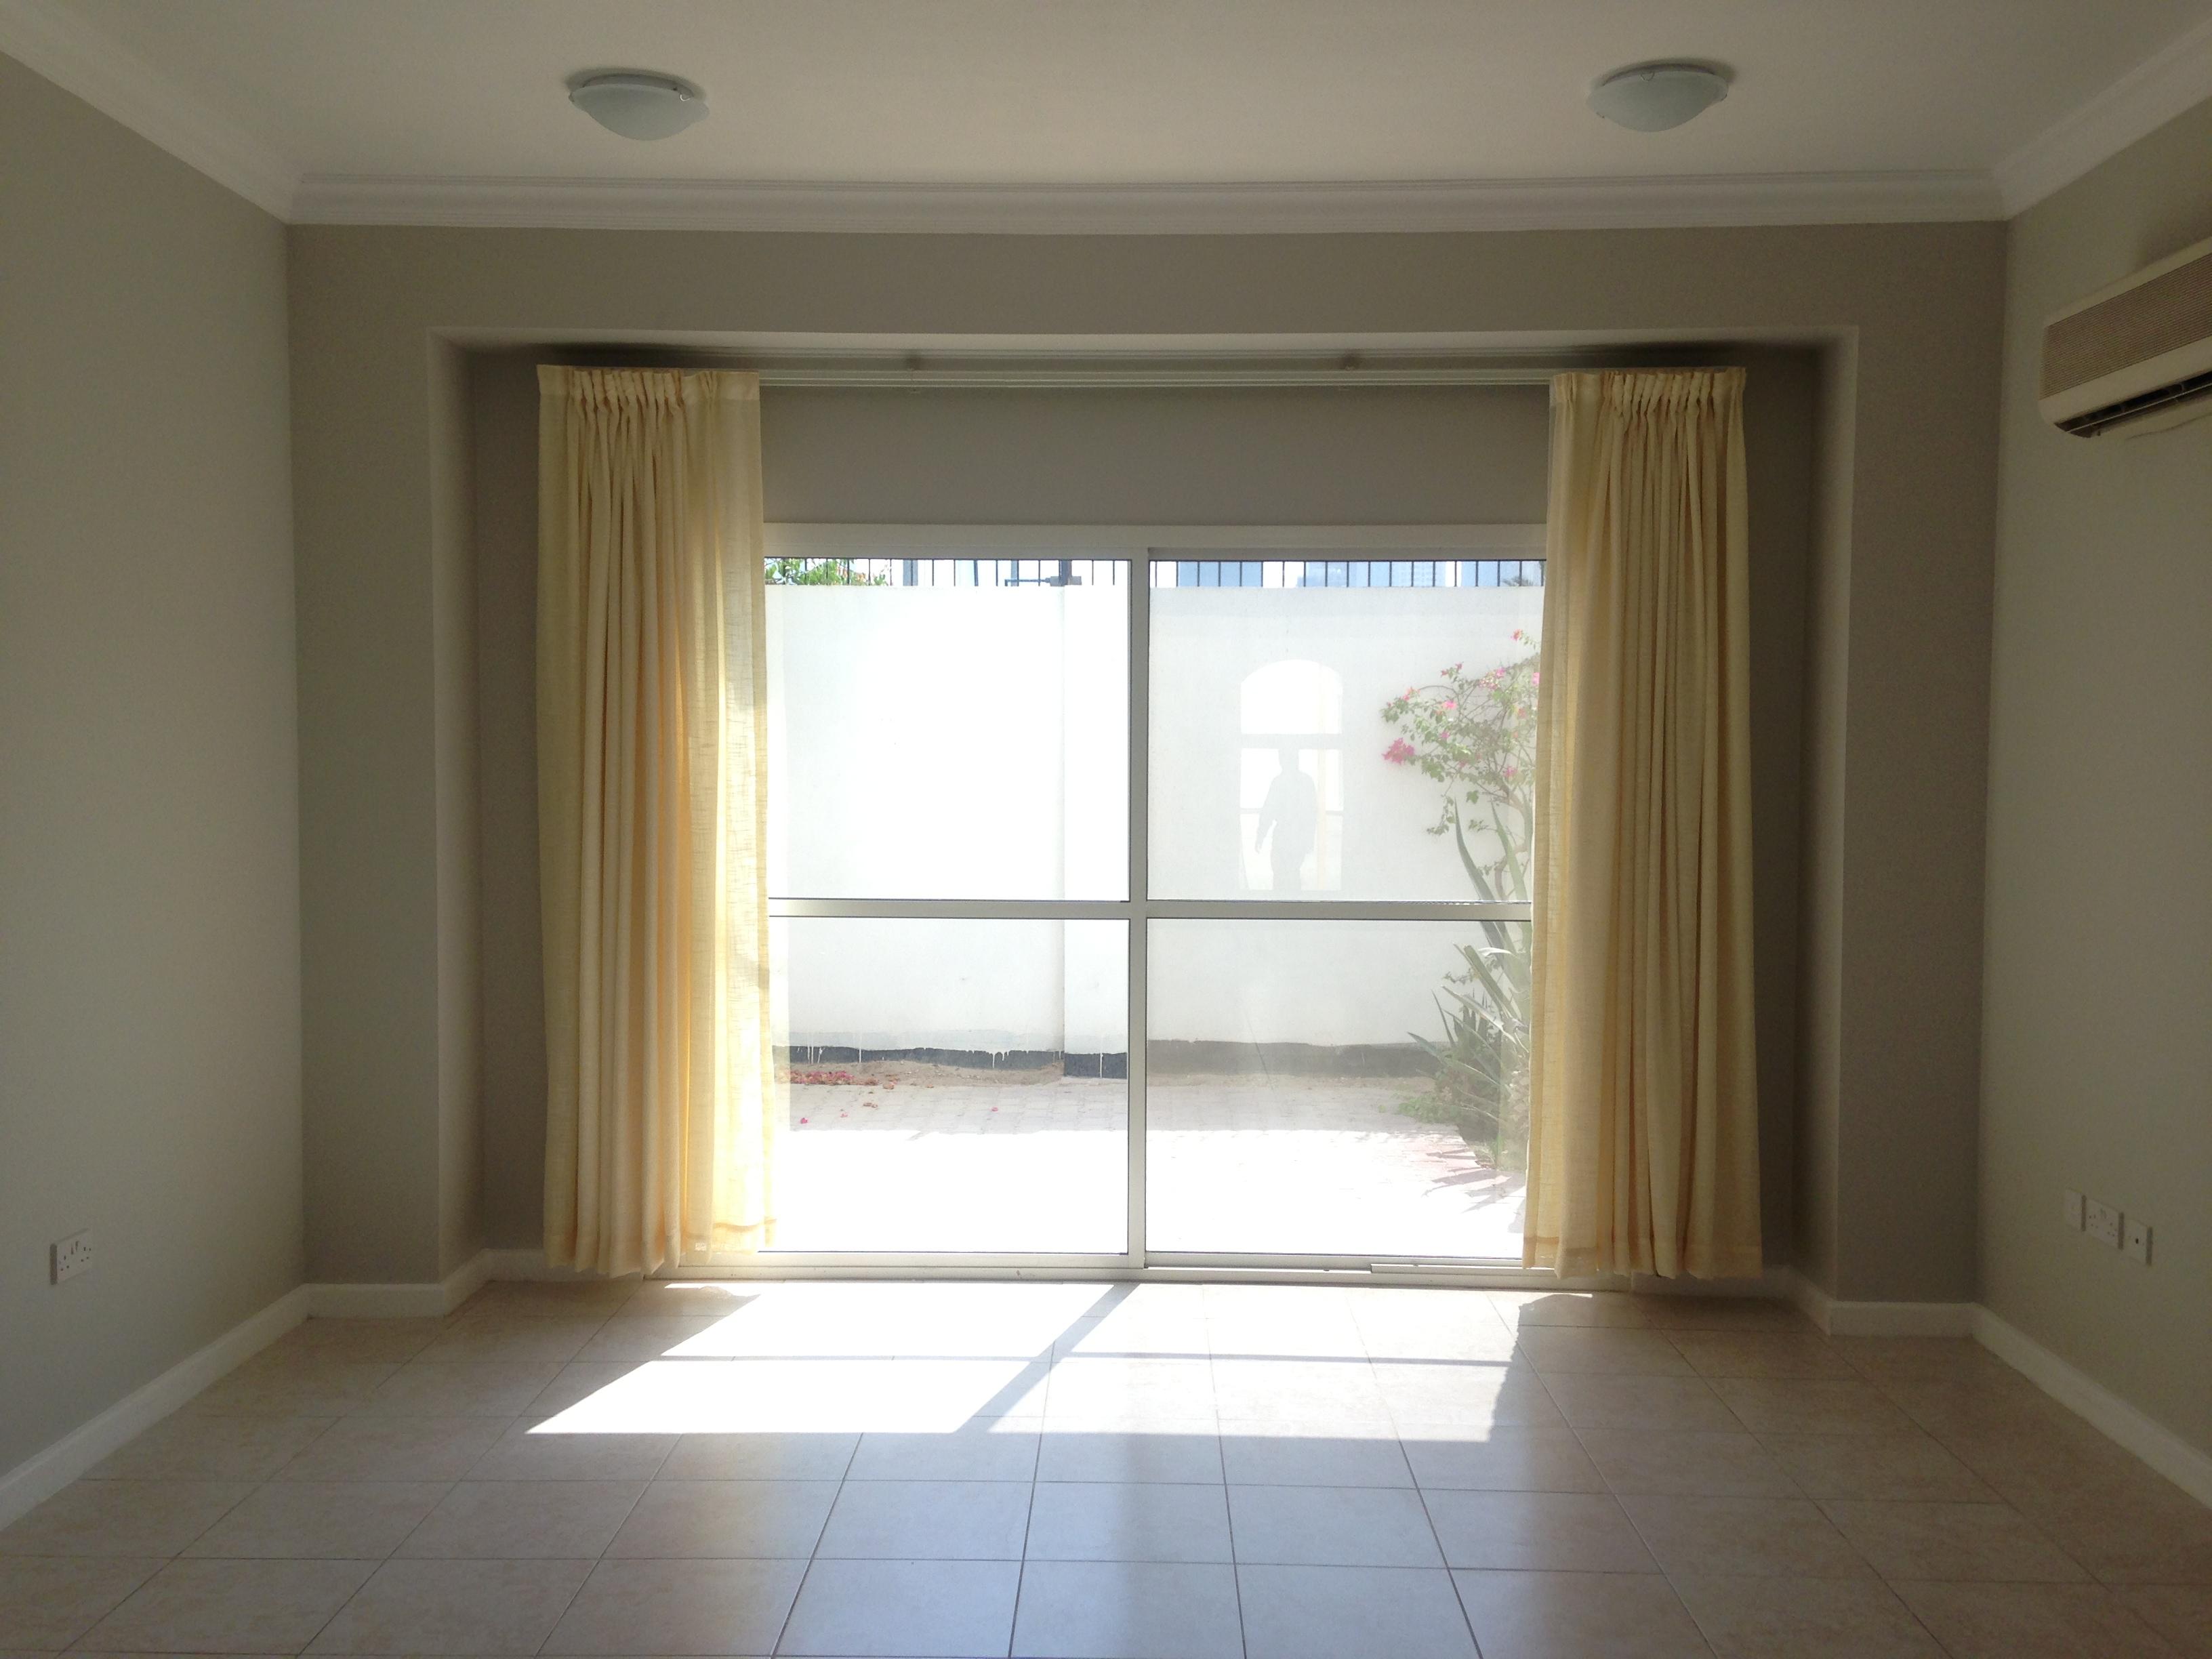 Dark empty room with window - Dark Empty Bedroom Dark Empty Street Empty Room With Doordark Empty Room With Window